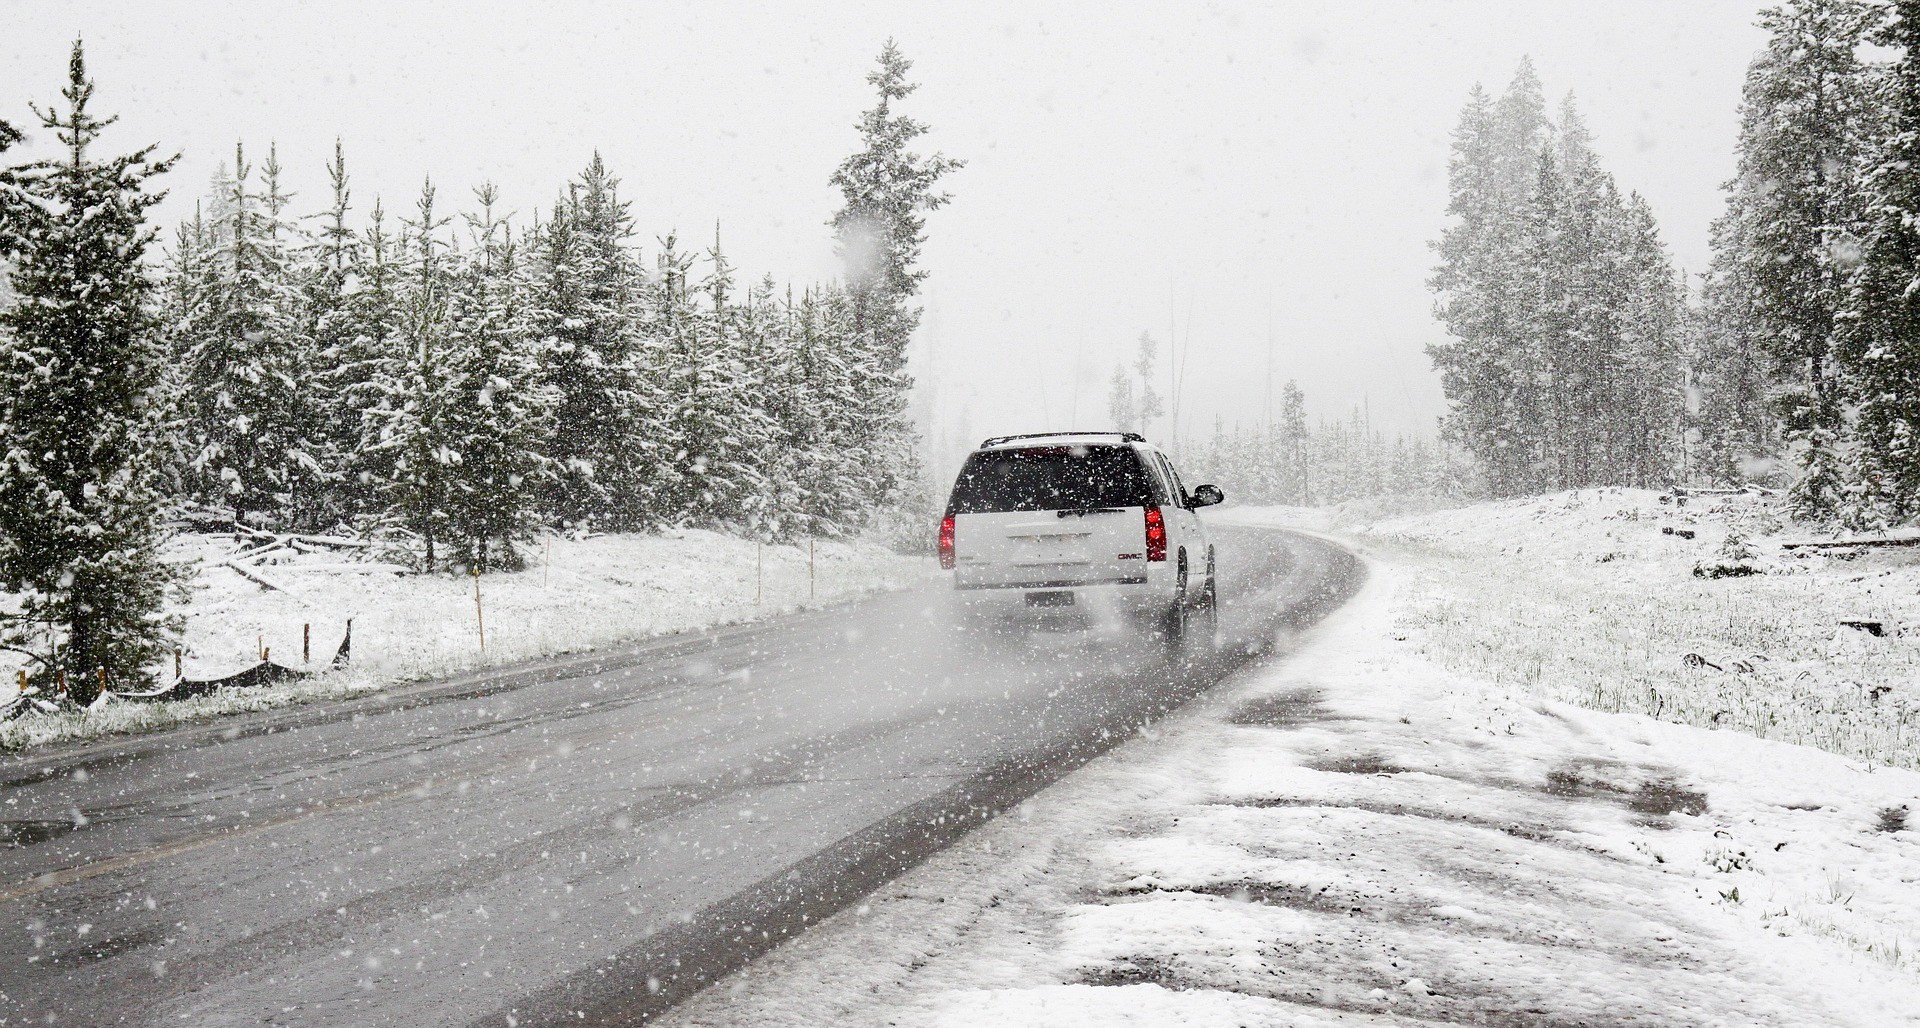 Врезультате дорожно-траспортного происшествия маршрутка протаранила ограждение